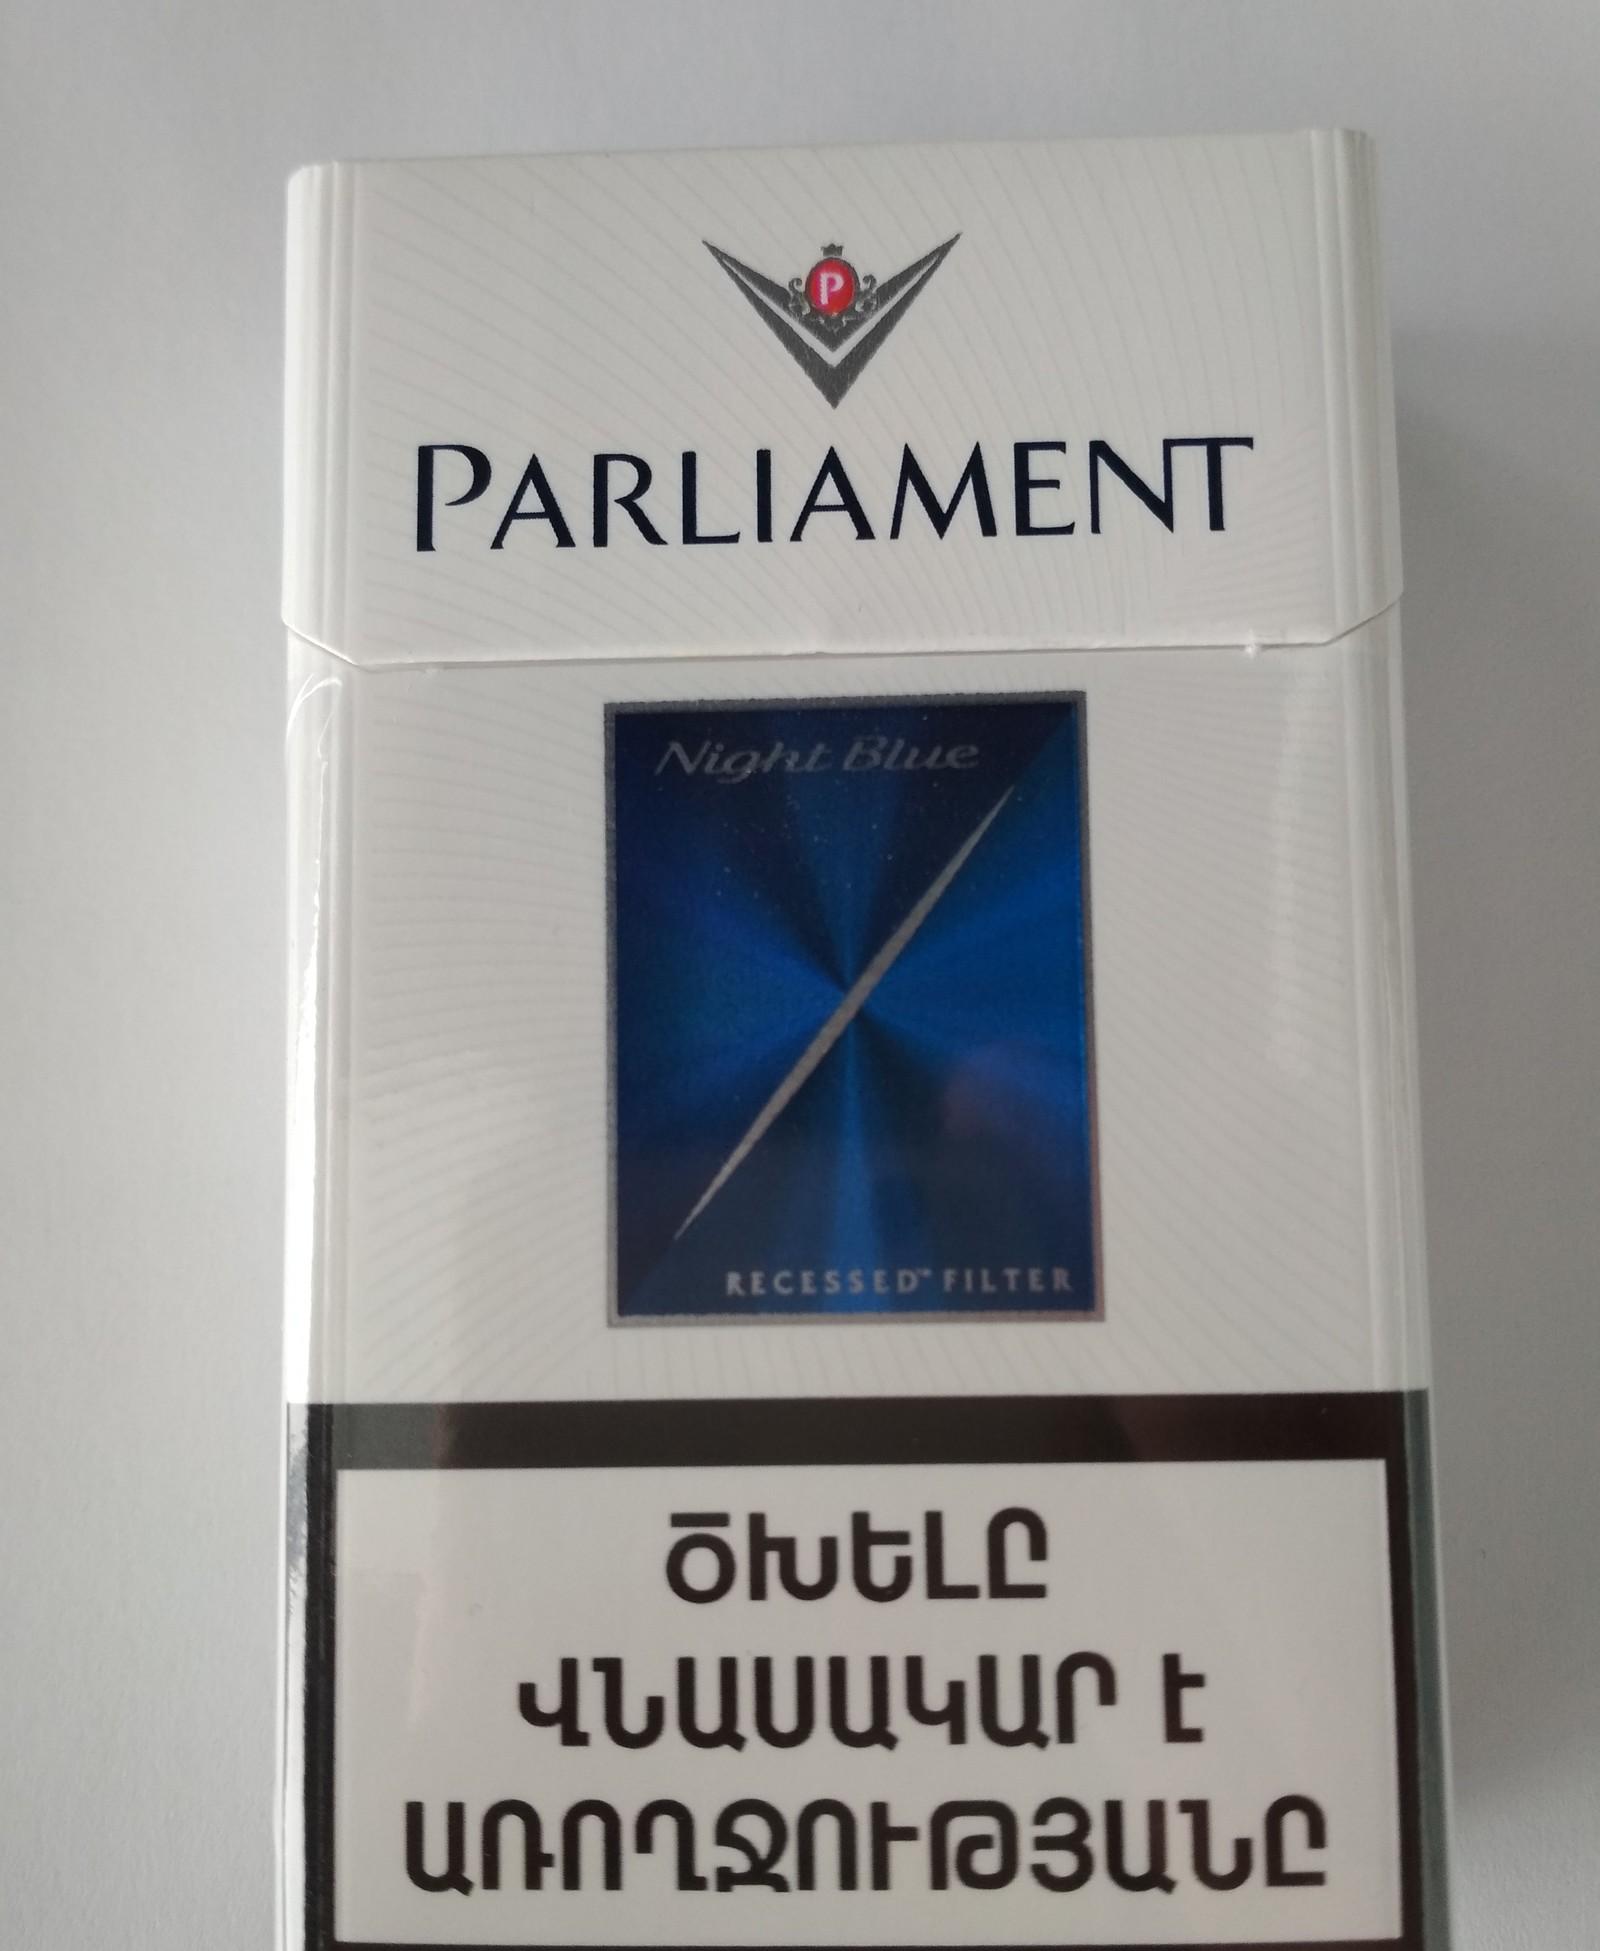 Сигареты с армянским акцизом купить в москве купить сигареты в грозном